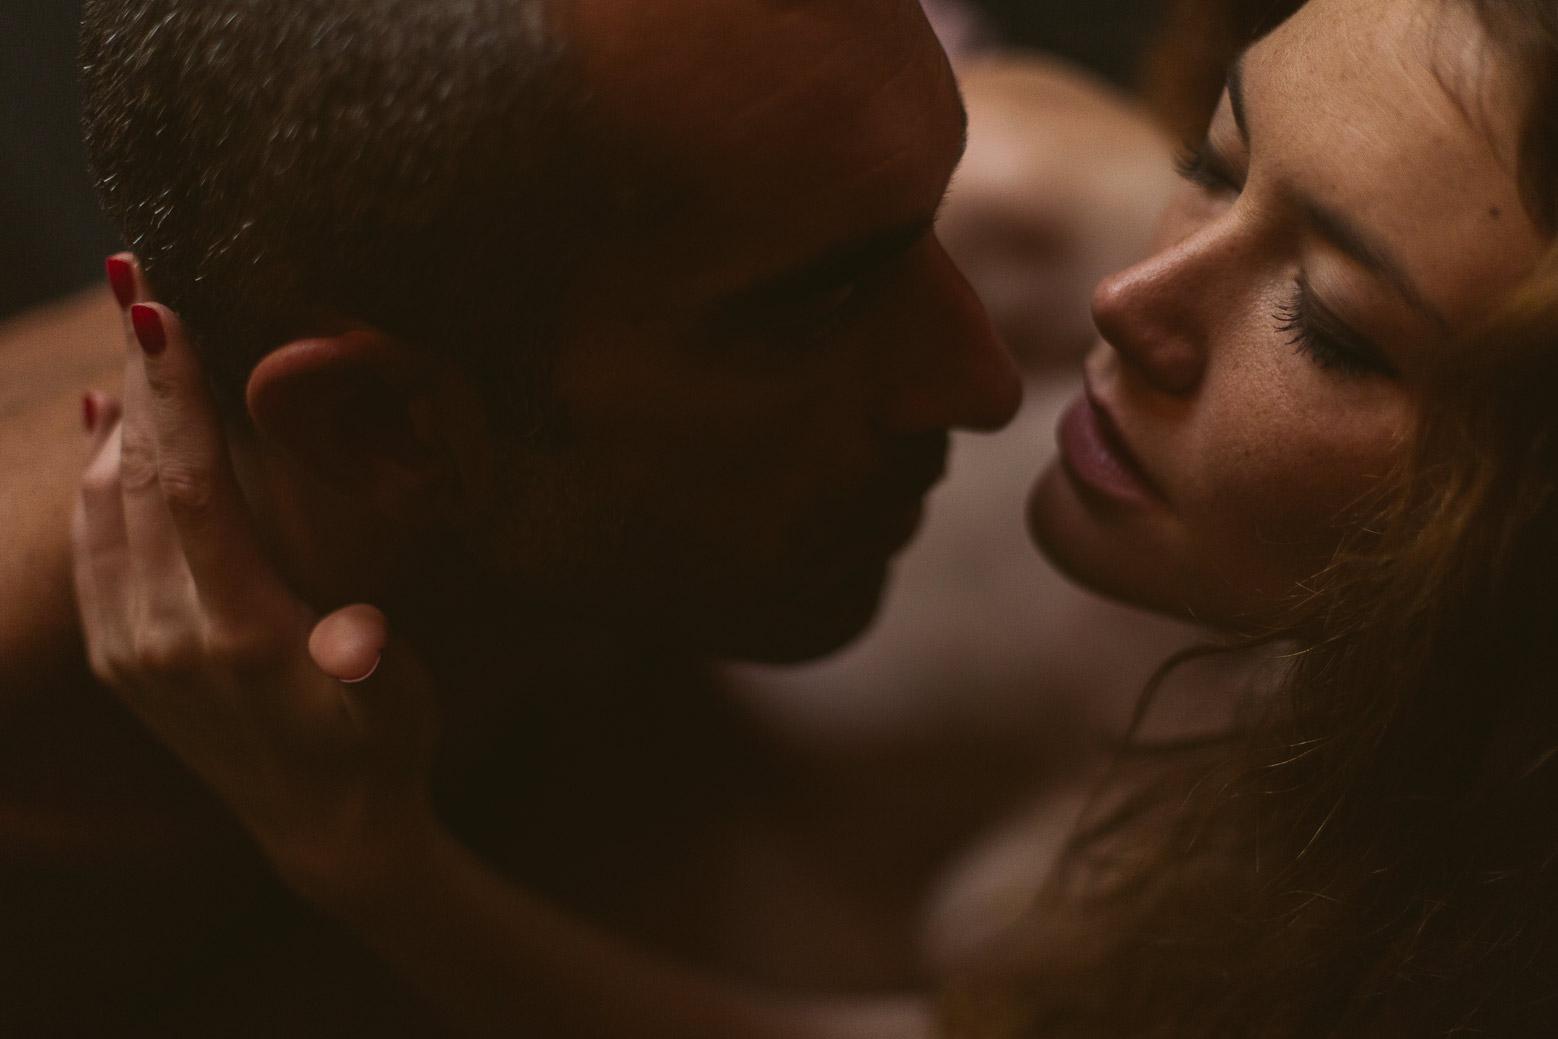 Séance photo intime en couple à Lyon magnifique baiser